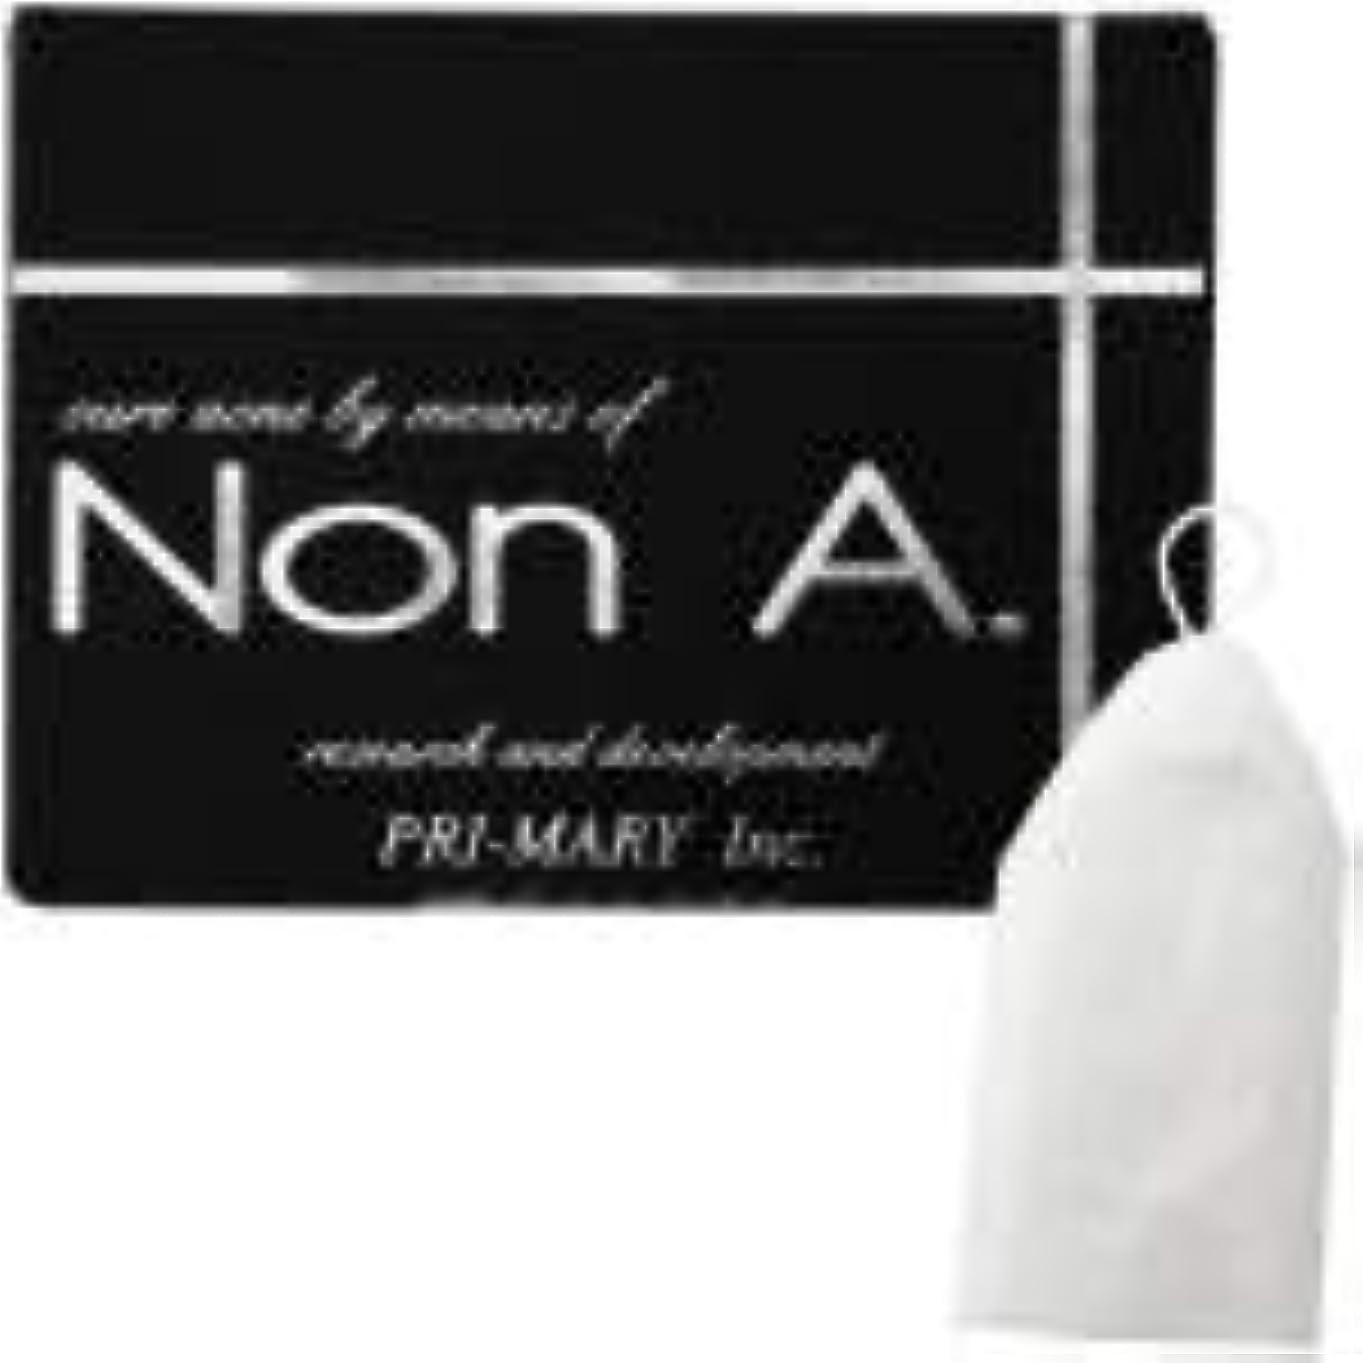 黒板死すべき幅Non A. (ノンエー) 洗顔ソープ [ ニキビ対策 / 100g / 洗顔泡立てネット付 ] 洗顔せっけん ピーリング成分不使用 (プライマリー)